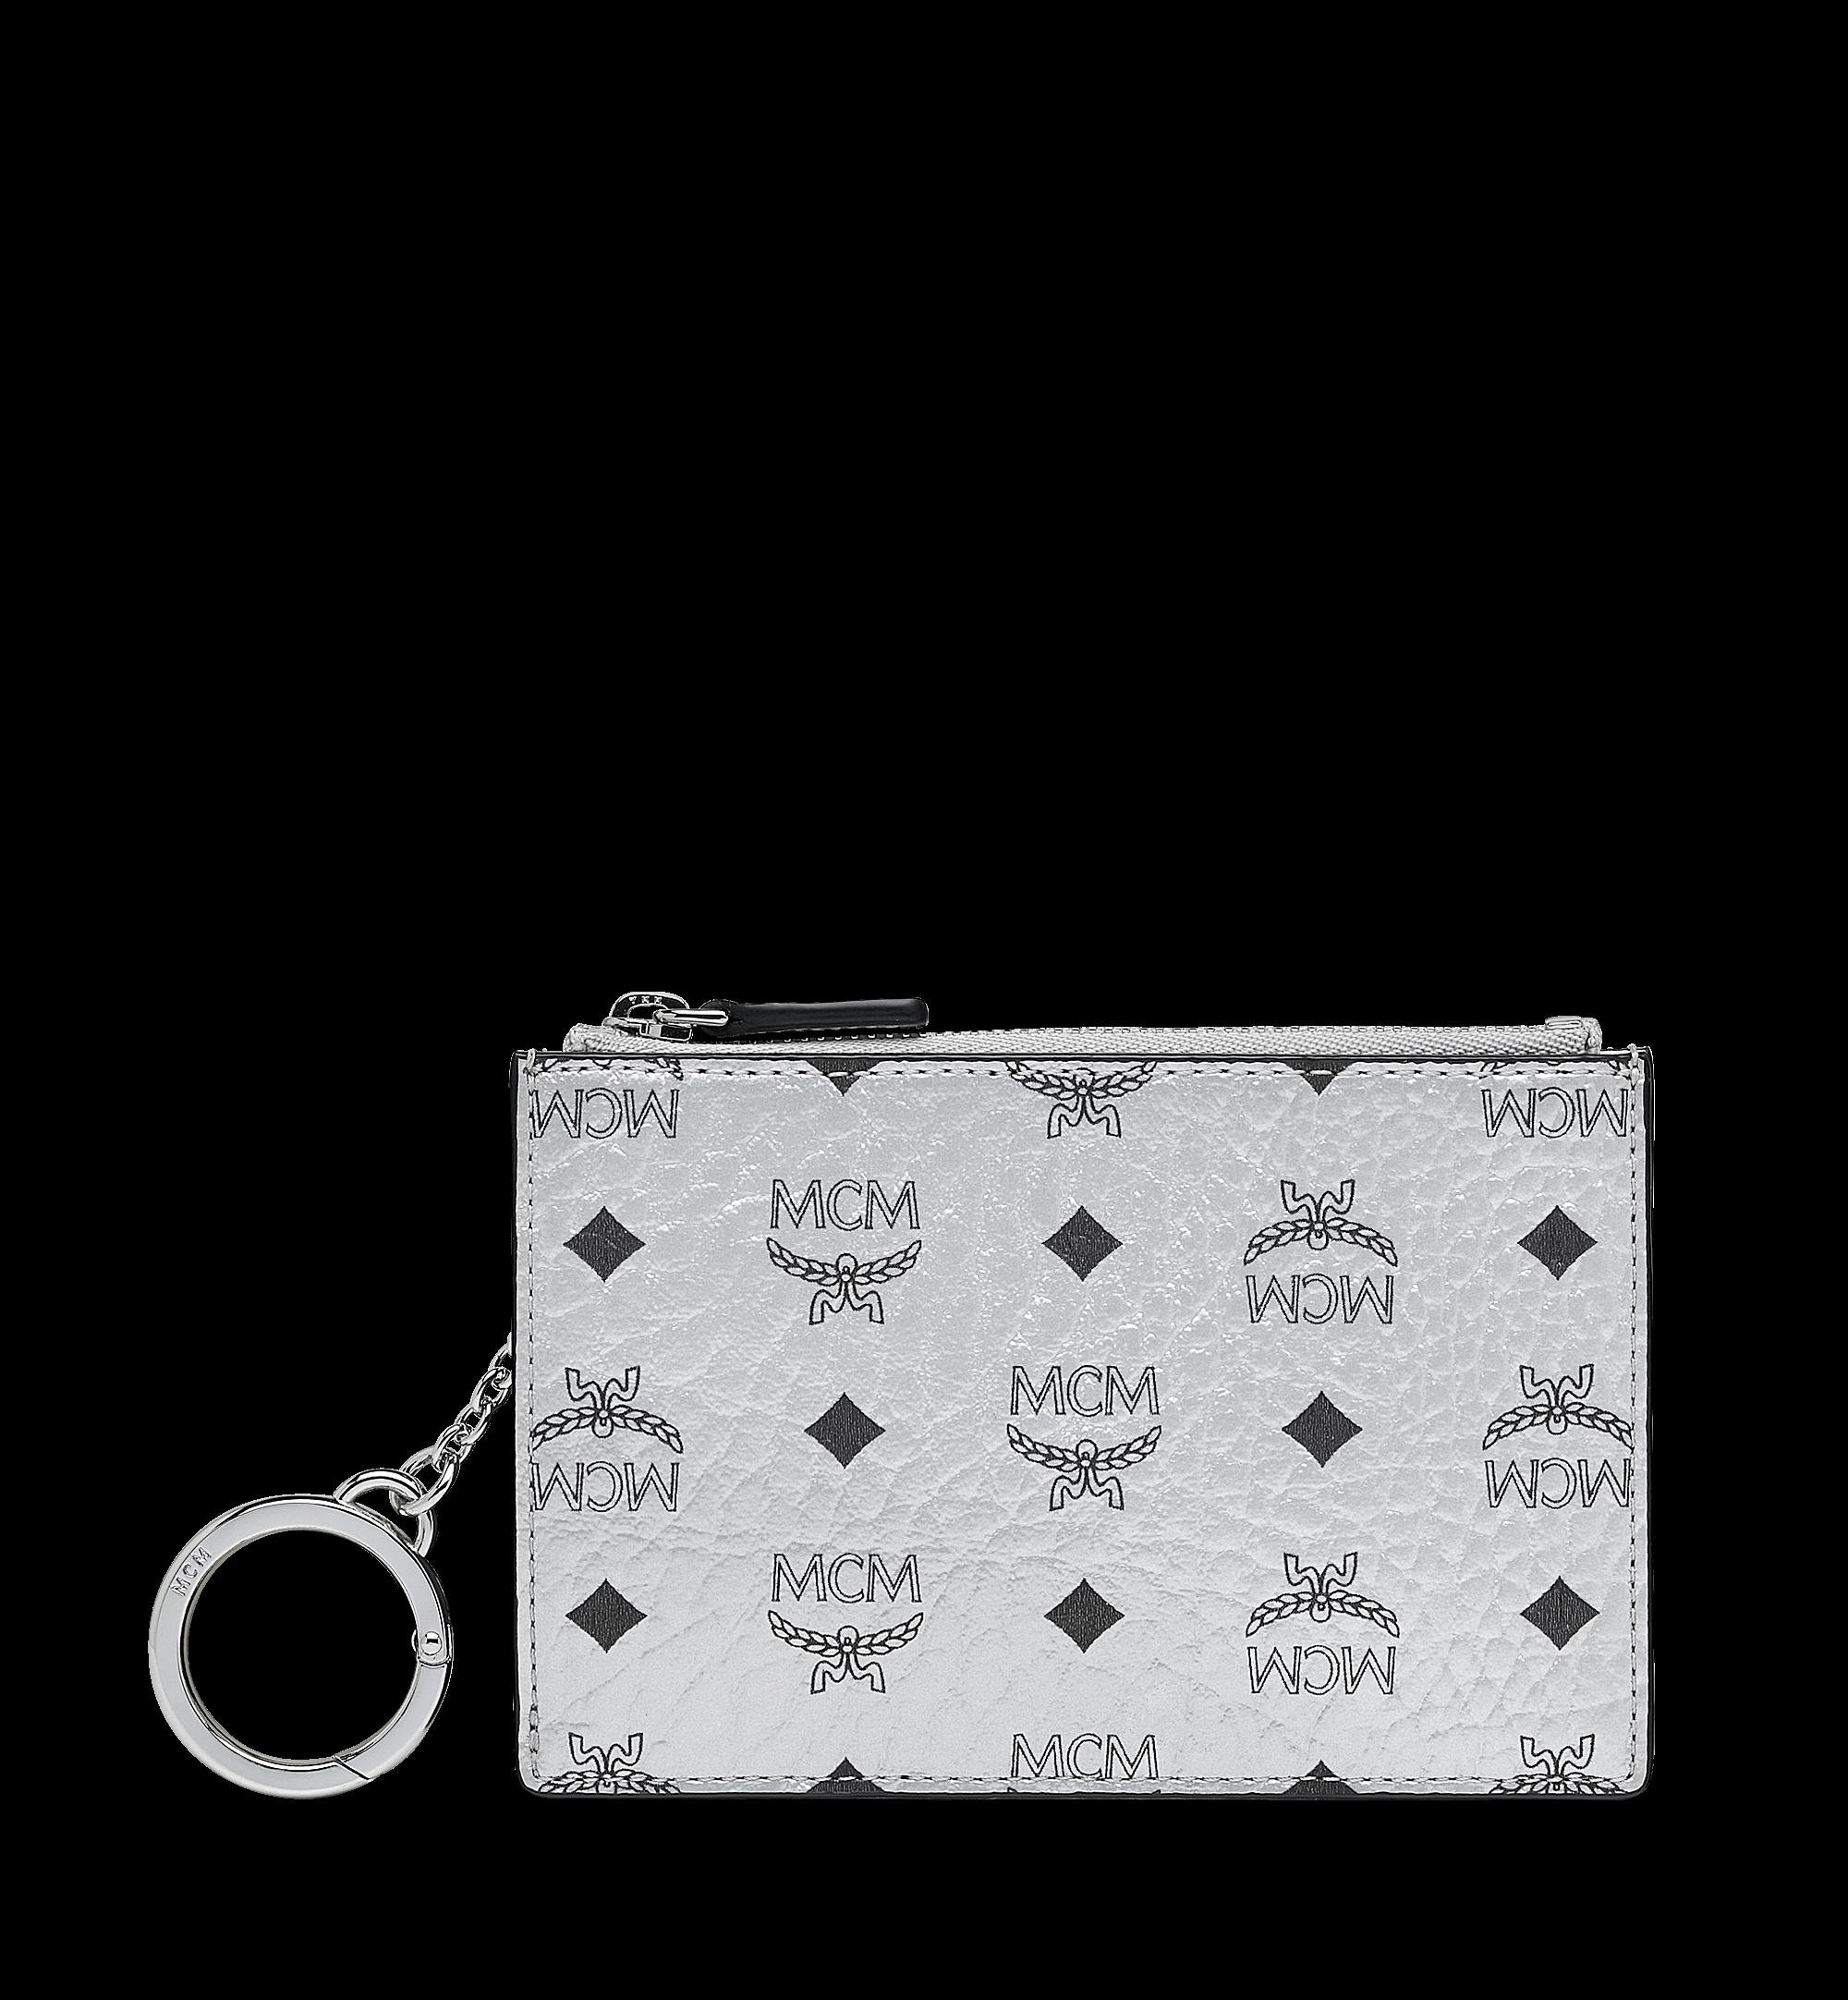 MCM Key Pouch Visetos Original Berlin Silver